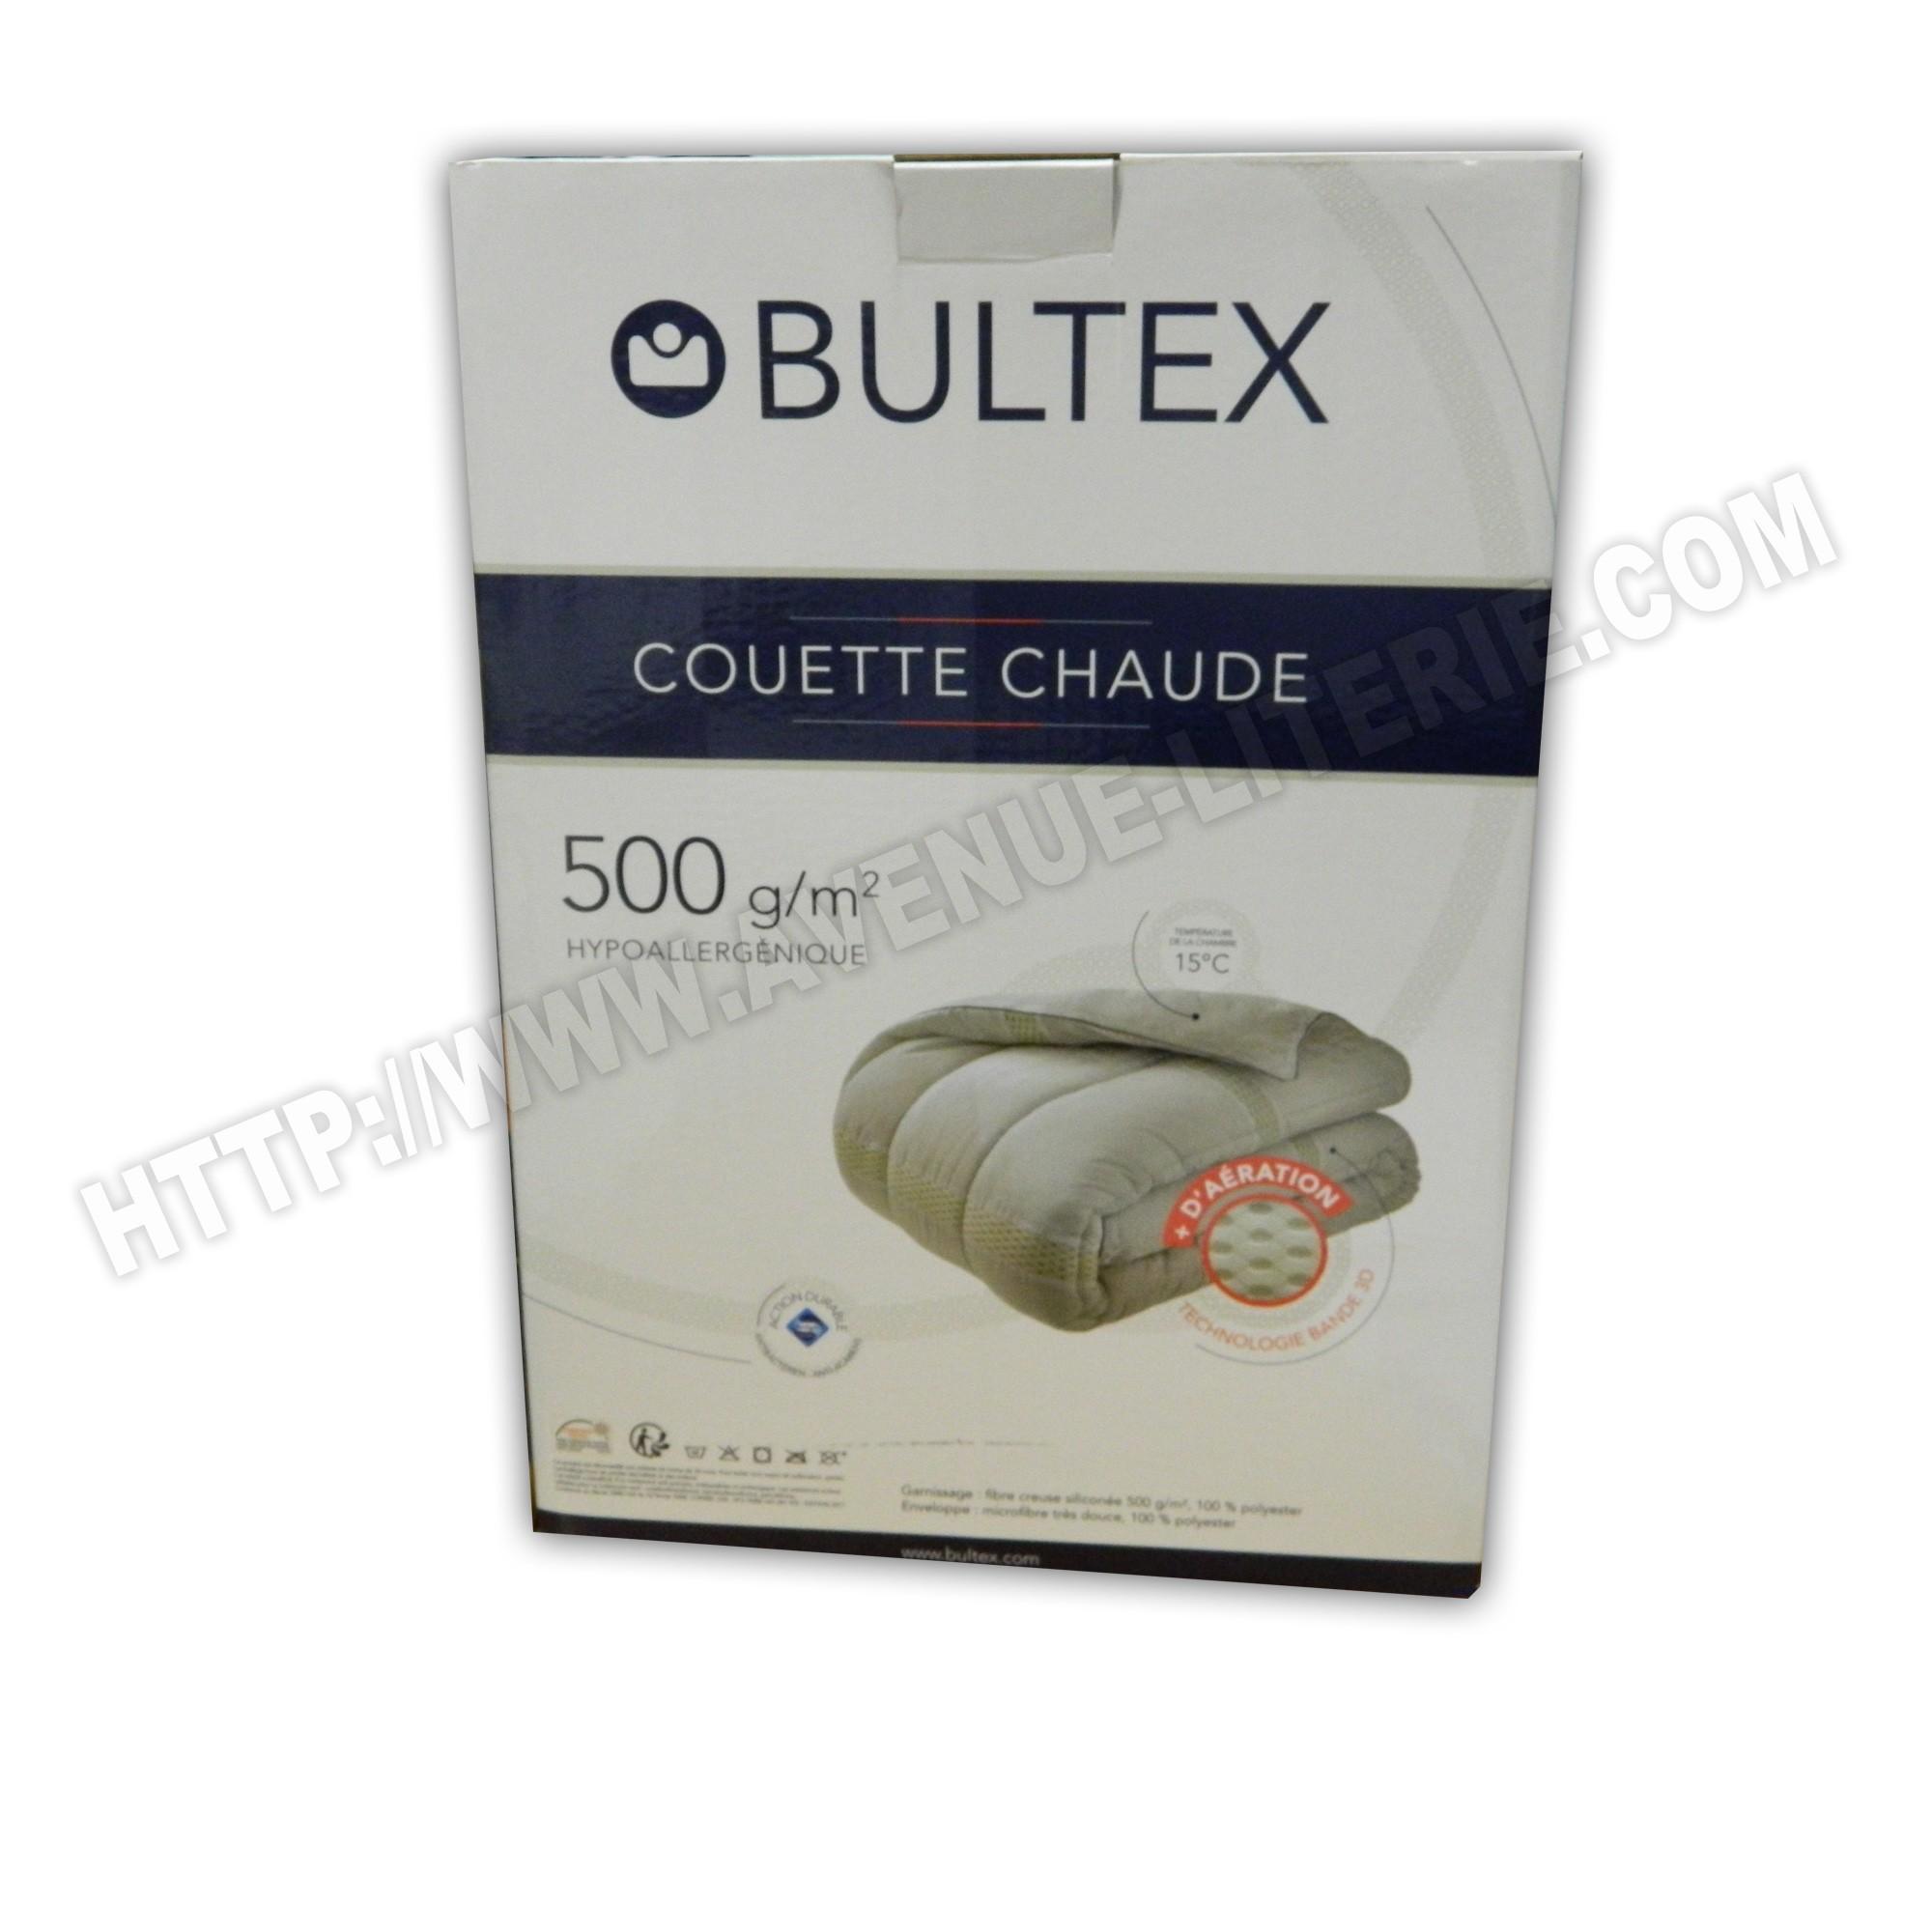 Couette Chaude 500g Bultex 220x240